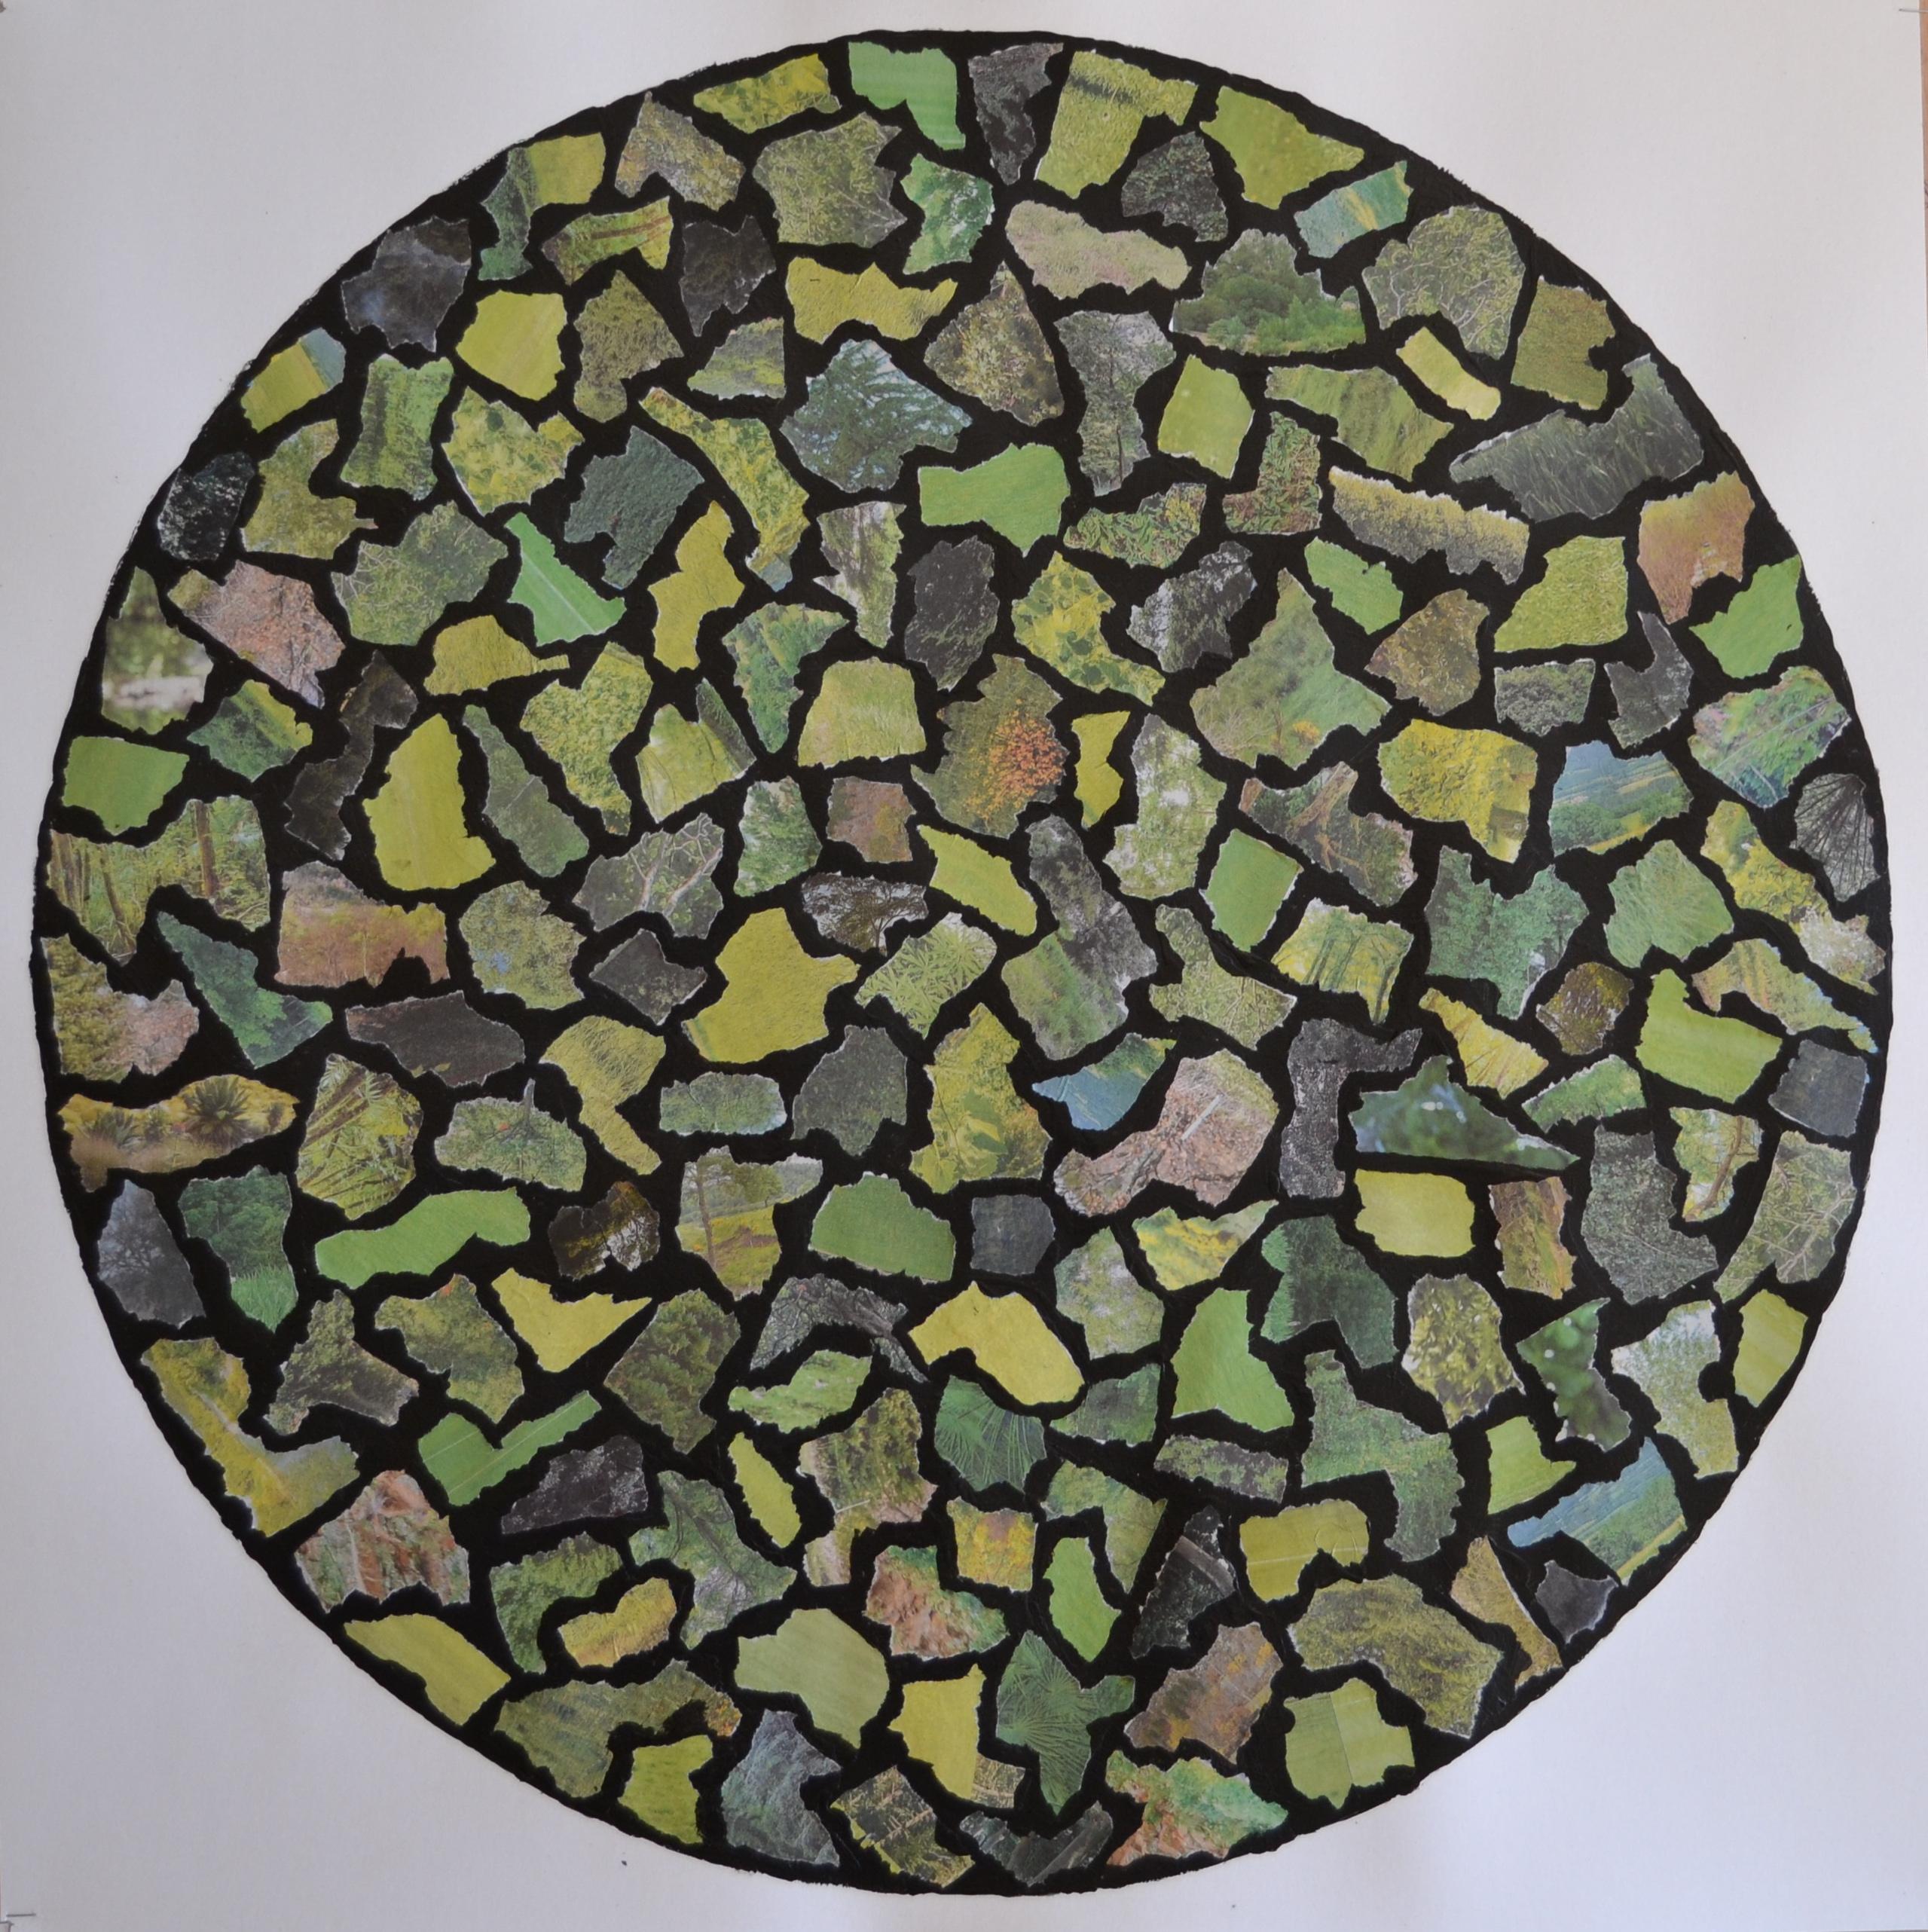 """Mappemonde Collage, """"Rosace 2, la Terre végétalisée"""", papier journal et acrylique sur papier, 71 x 71 cm"""